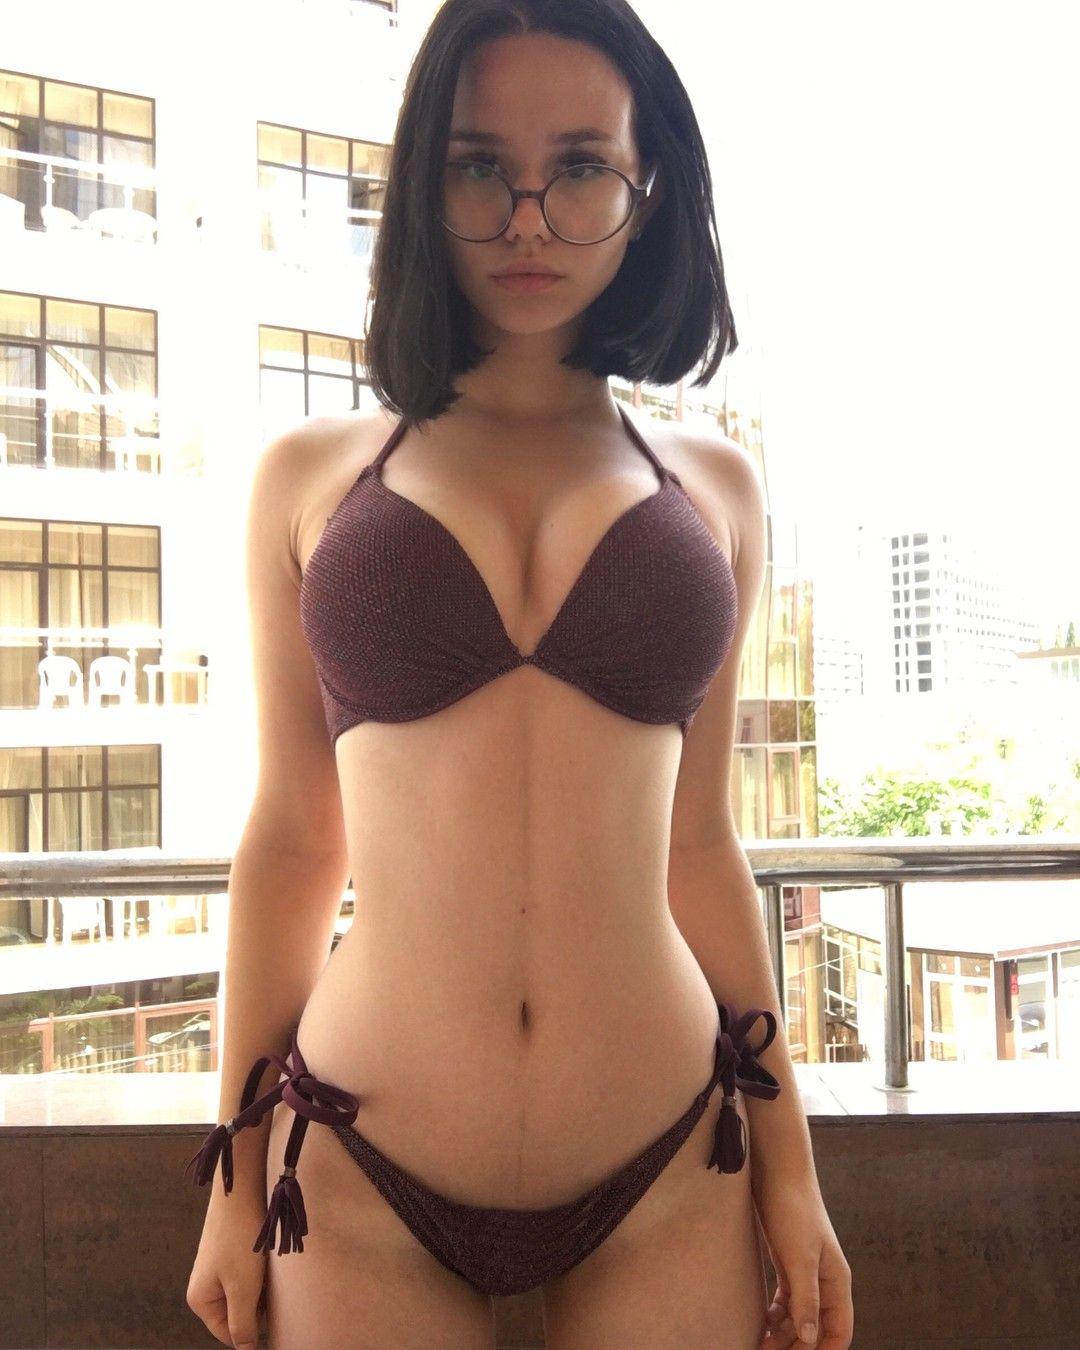 Pin On Bikini Swimwear Babes